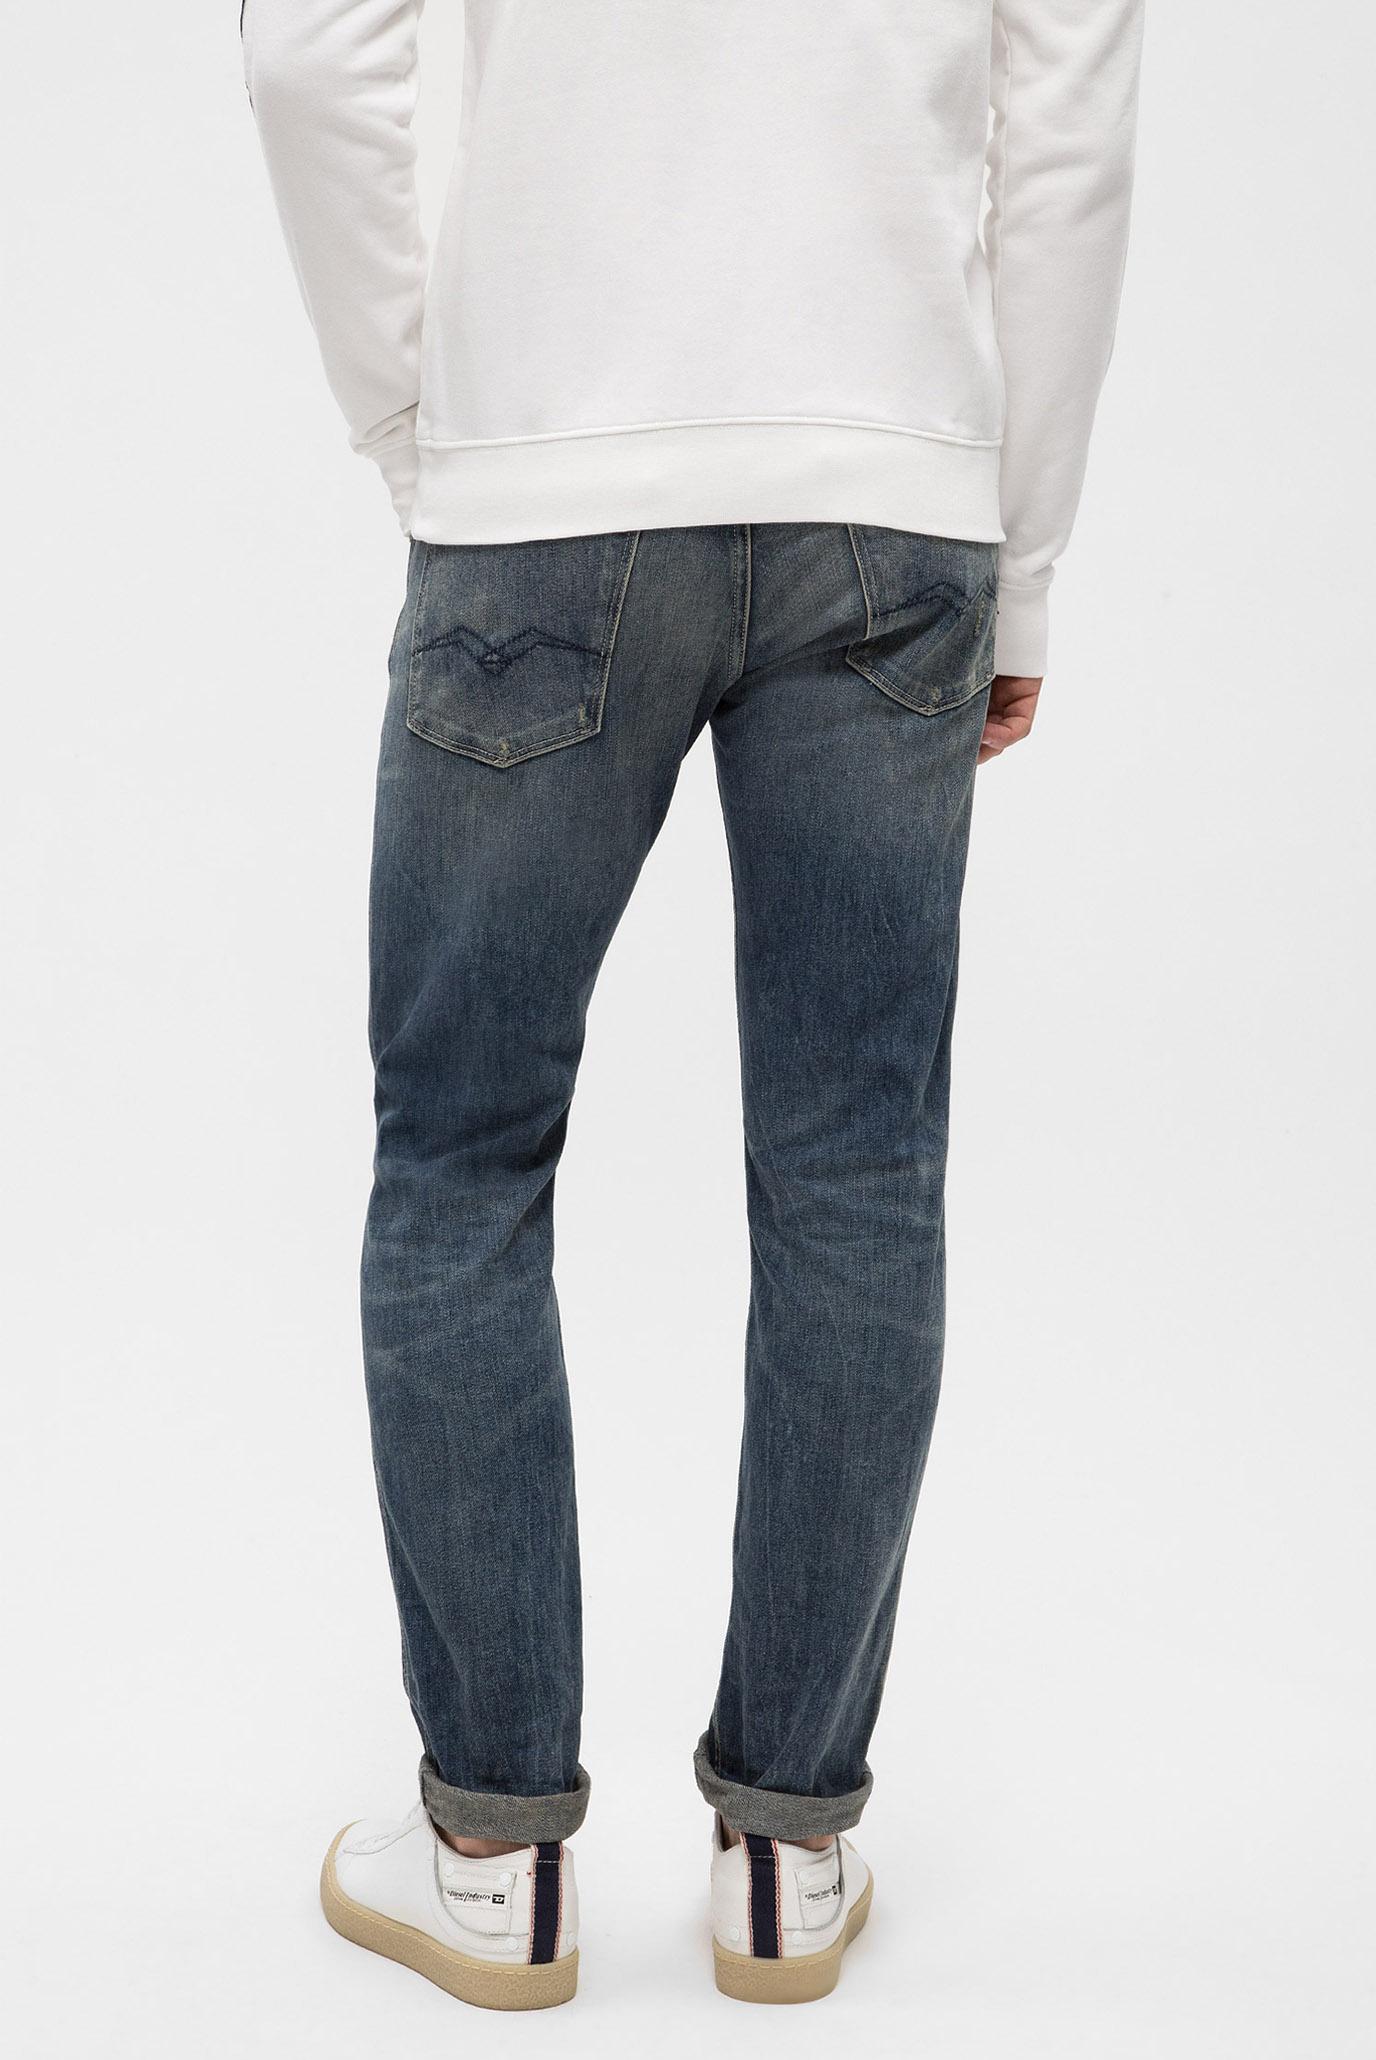 Купить Мужские синие джинсы ANBASS Replay Replay M914B .000.153 351 – Киев, Украина. Цены в интернет магазине MD Fashion